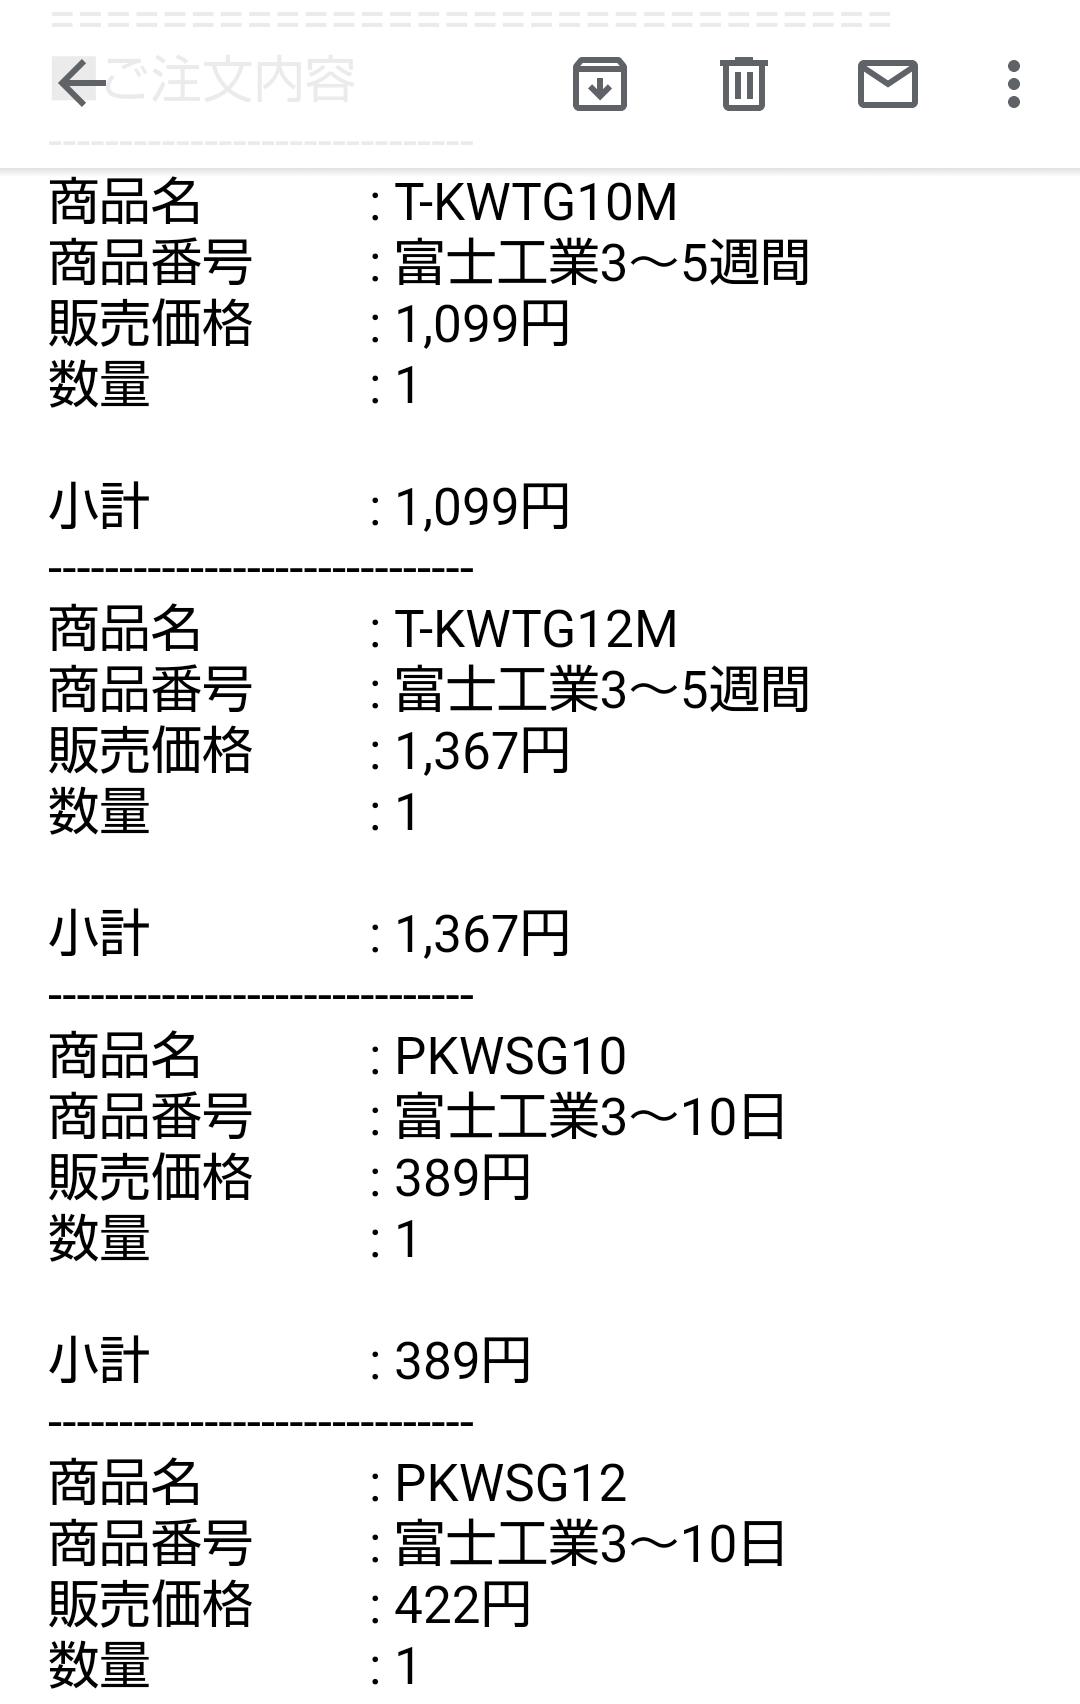 e0341099_20200165.png